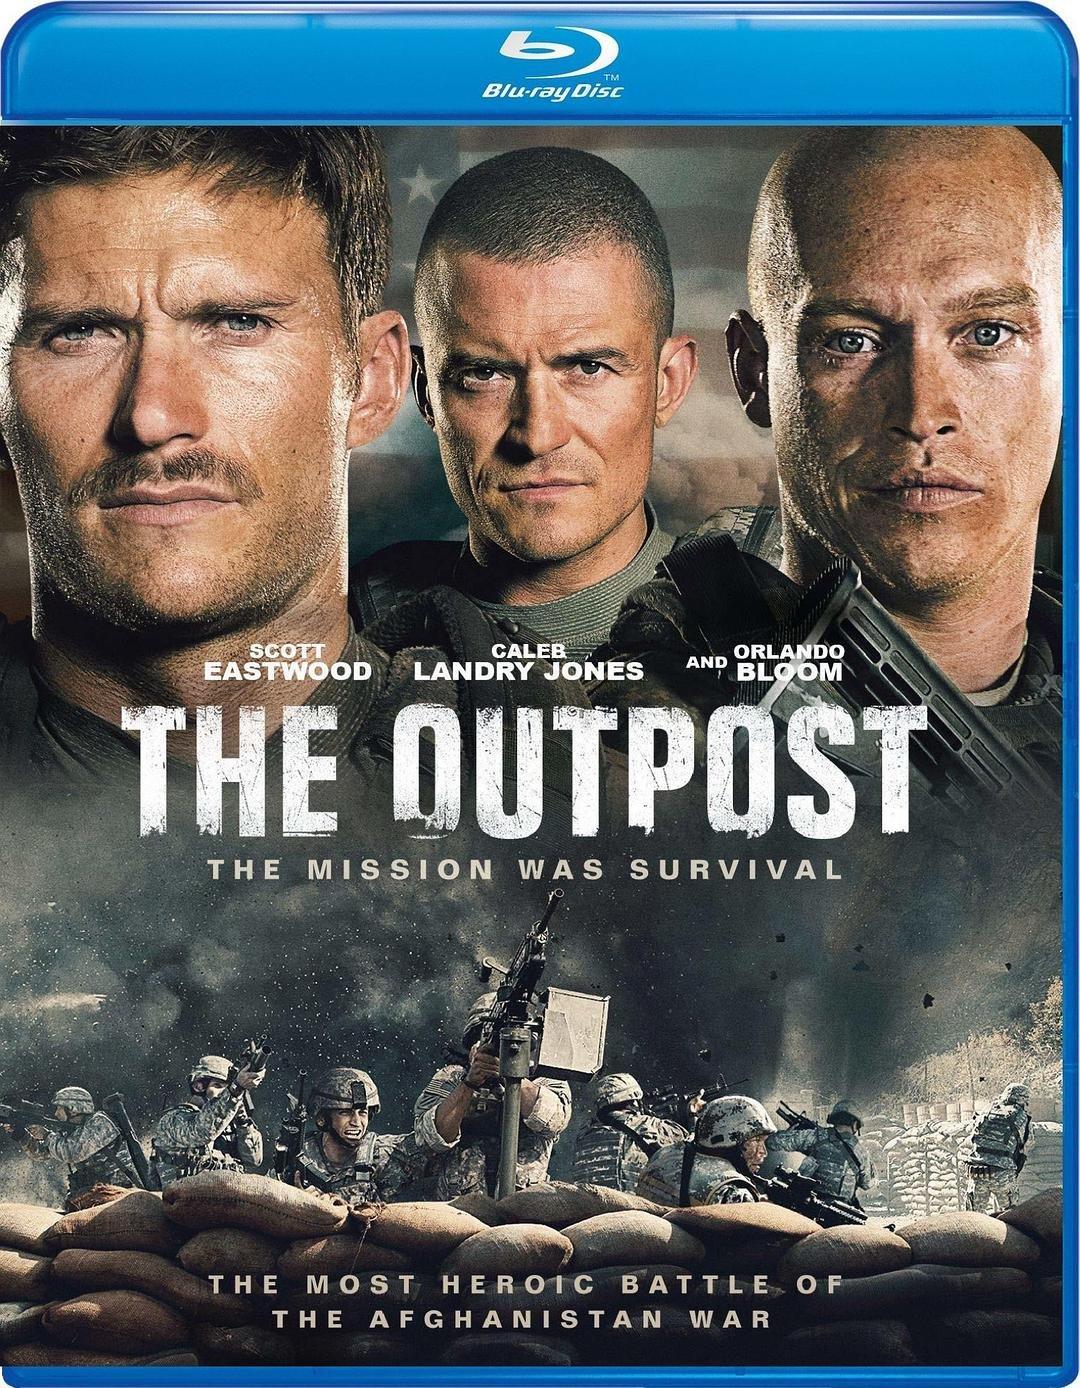 【藍光影片】72小時前哨救援 / 前哨 / The Outpost(2020)